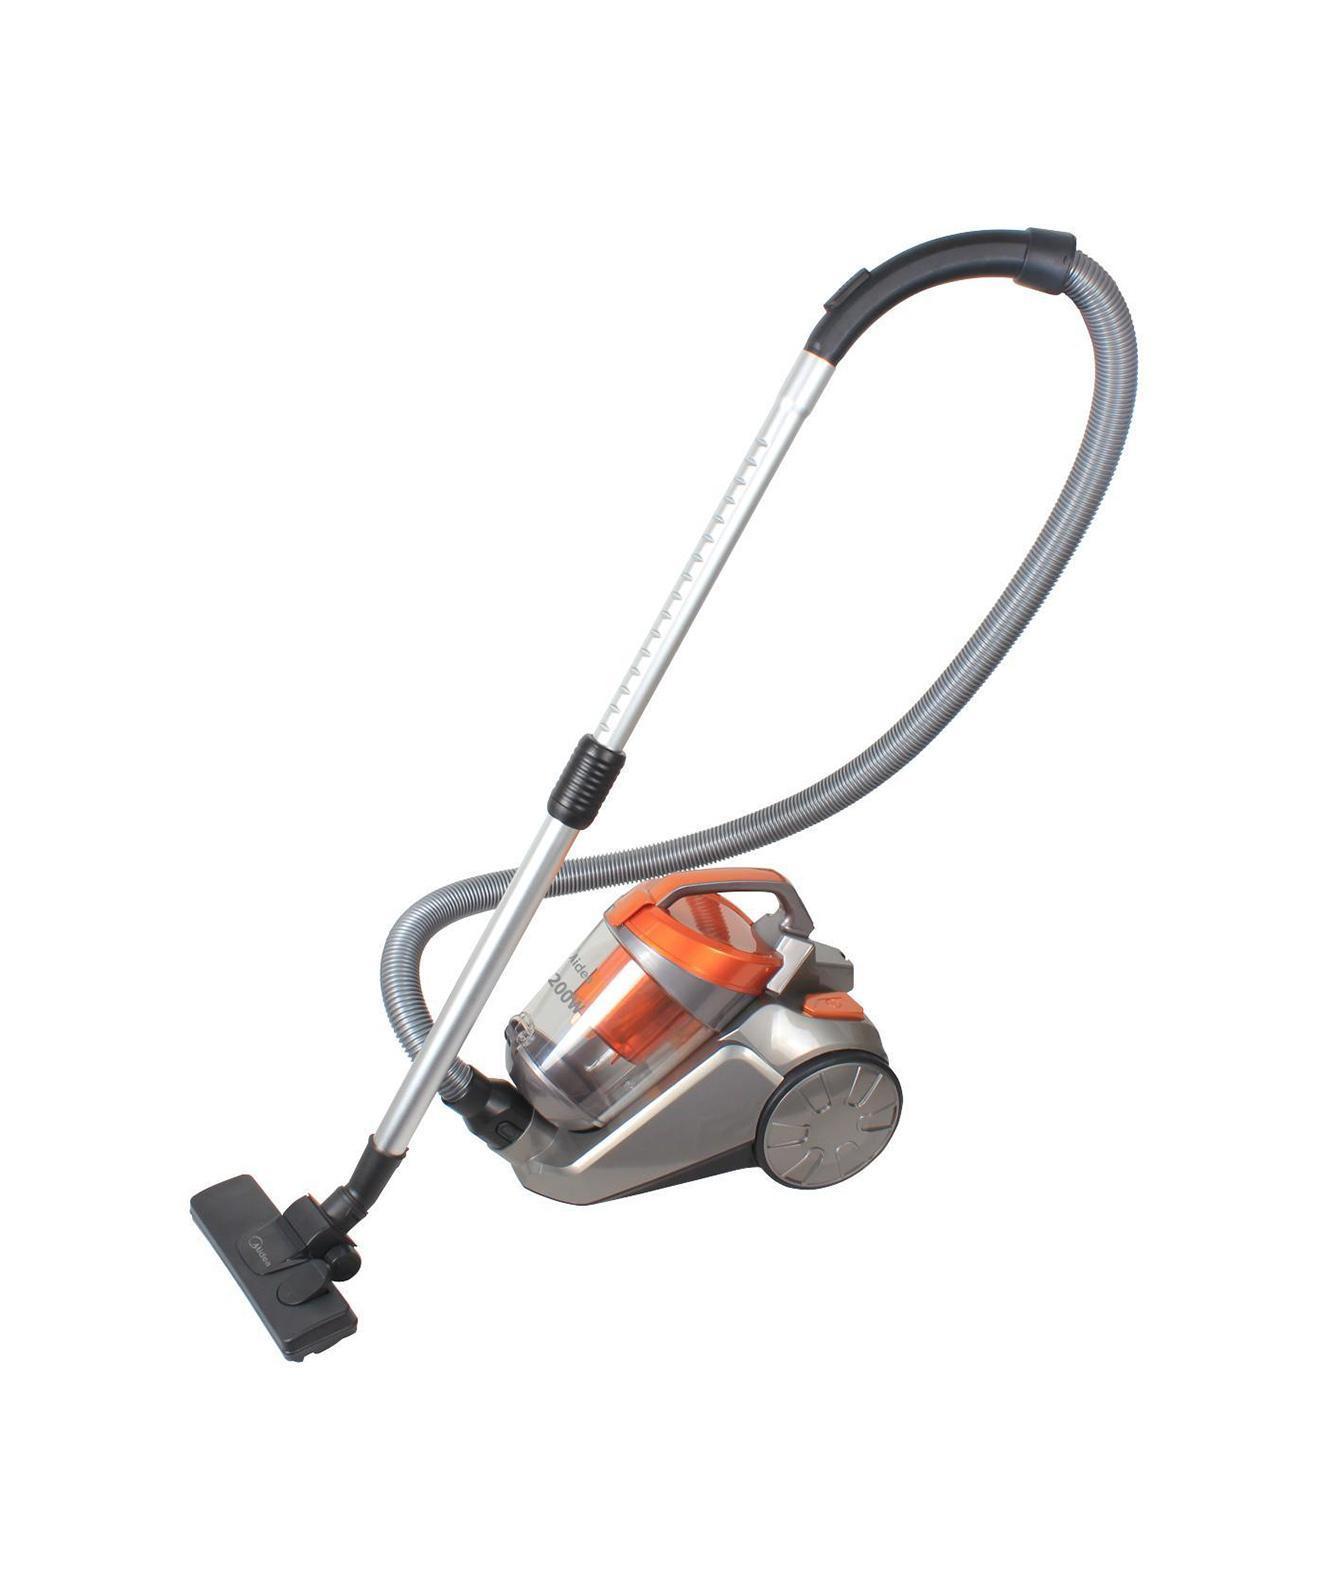 Midea VCS43С2 пылесос1.195-202.0Пылесос Midea VCS43C2 создан для того, чтобы сделать процесс уборки быстрым и легким. С ним не составит труда очистить пыль даже из самых потайных уголков вашей квартиры. Благодаря небольшому размеру для пылесоса наверняка найдется место в шкафу.